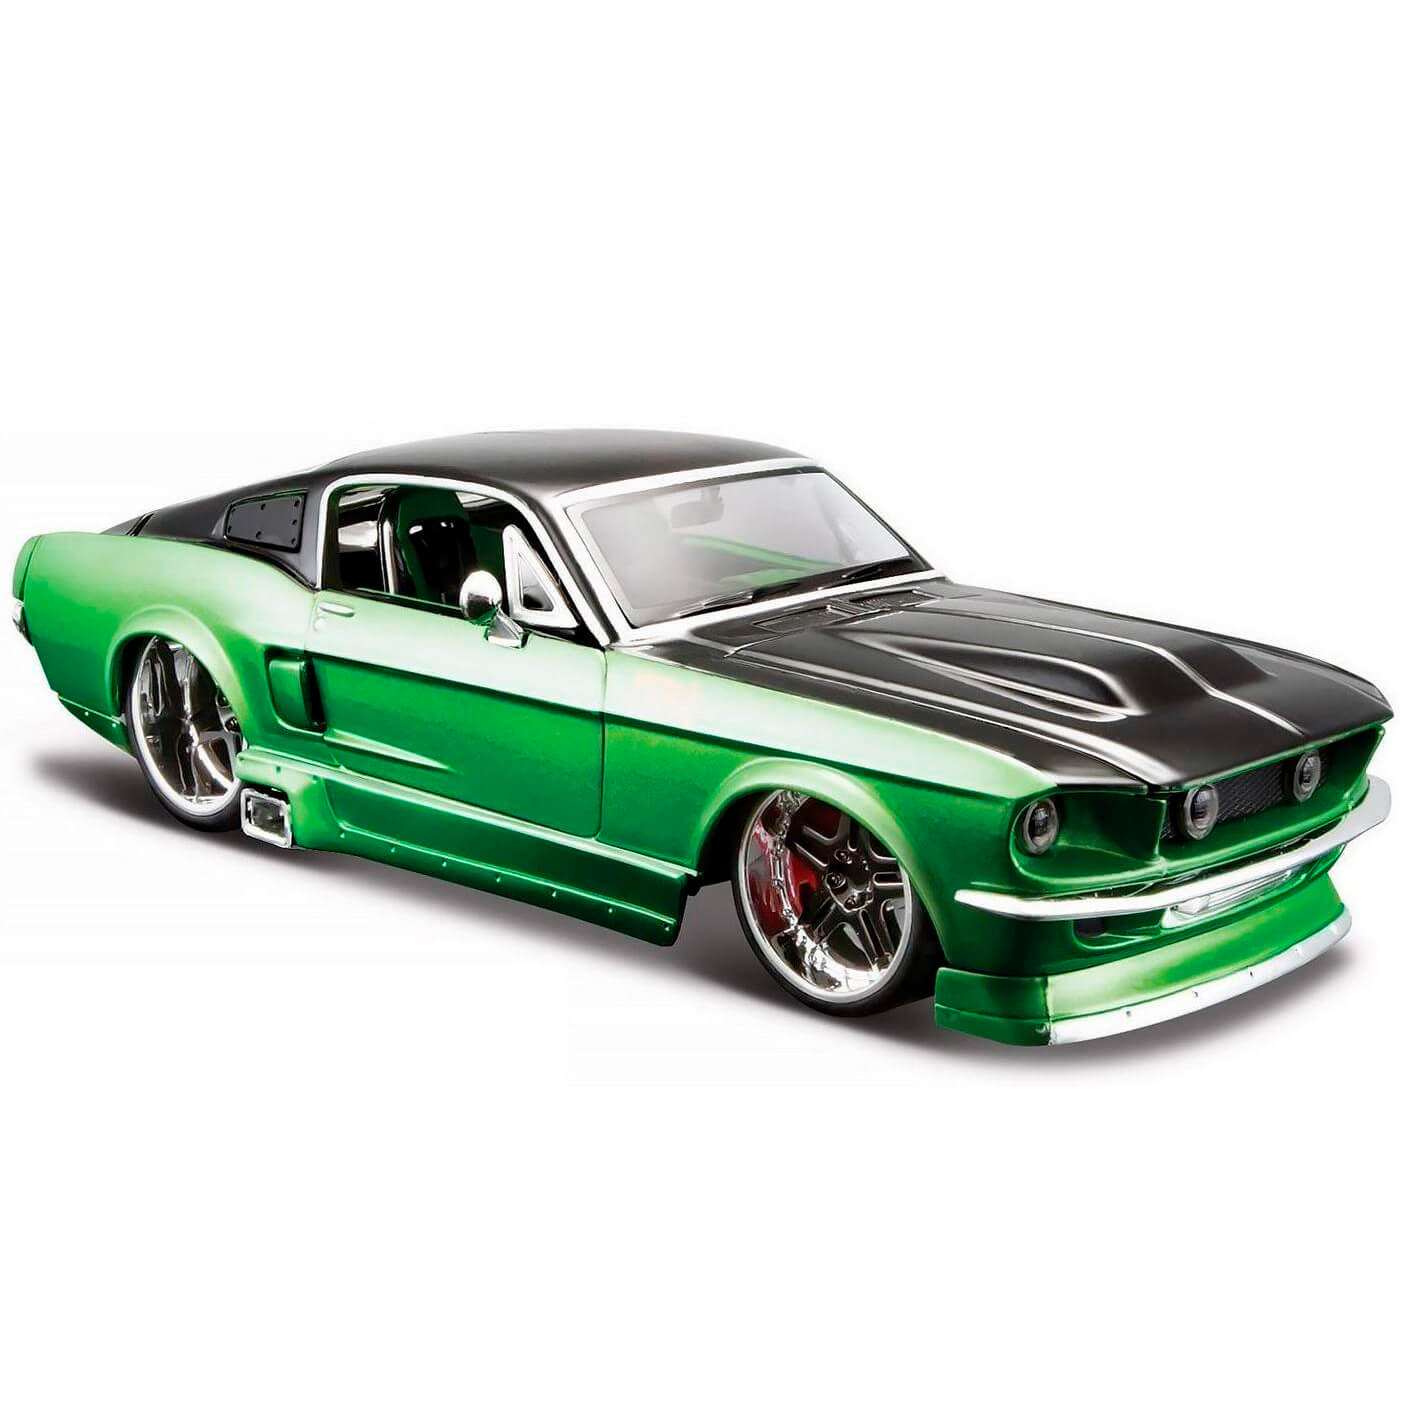 Miniatura Carro 1967 Ford Mustang Gt 1 24 Kit De Montar Maisto Assembly Line Mai39094 Bumerang Brinquedos